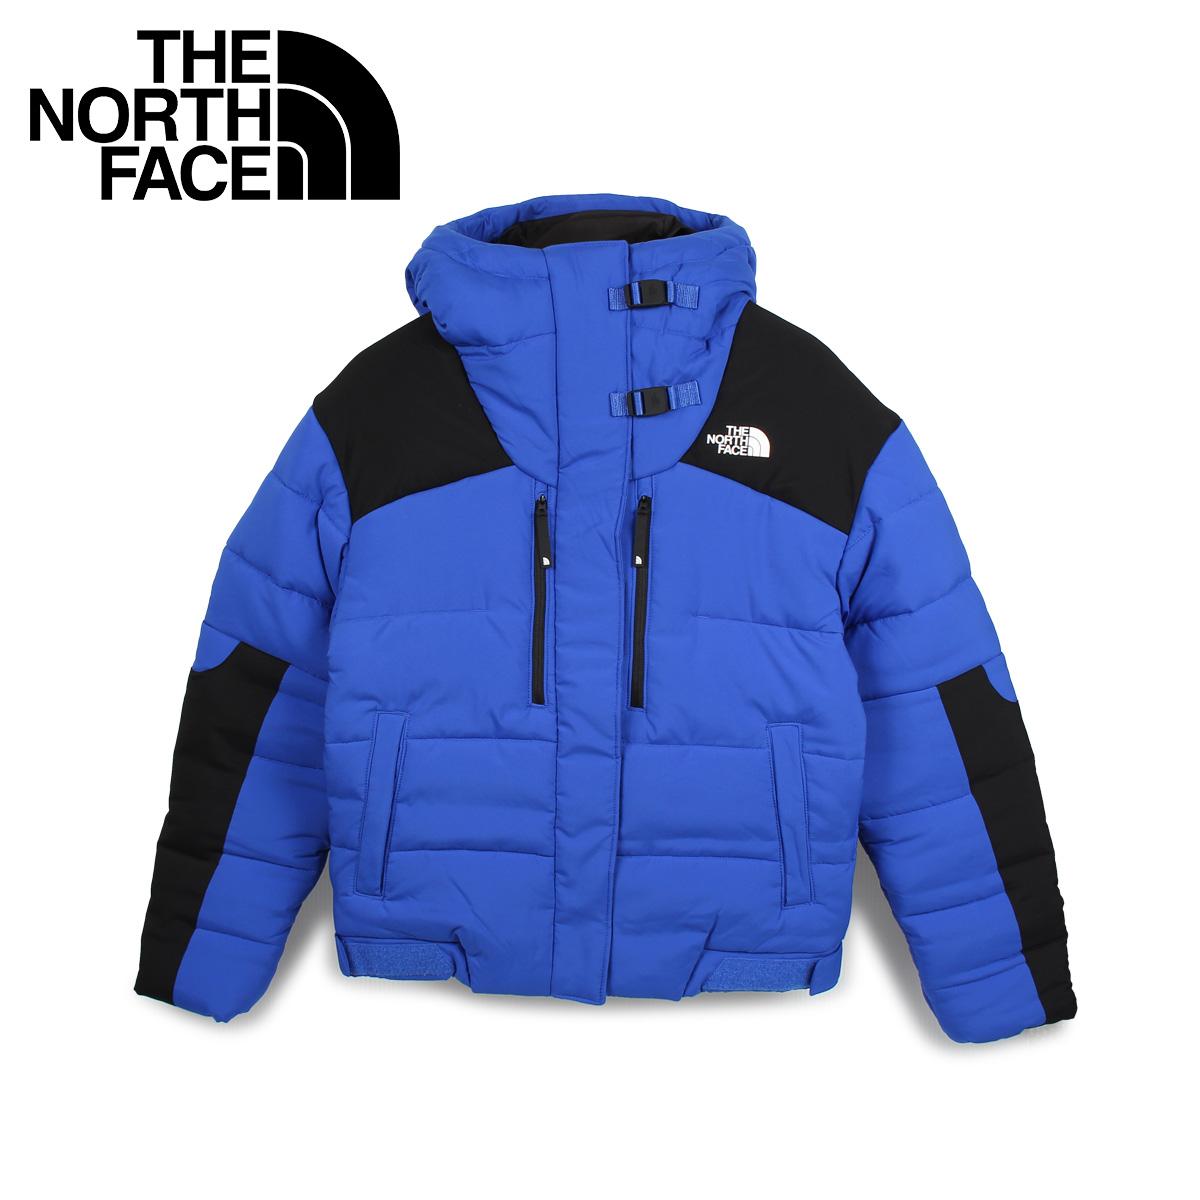 THE NORTH FACE WOMENS HIMALAYAN PUFFER JACKET ノースフェイス ジャケット マウンテンジャケット レディース ブルー T93Y26